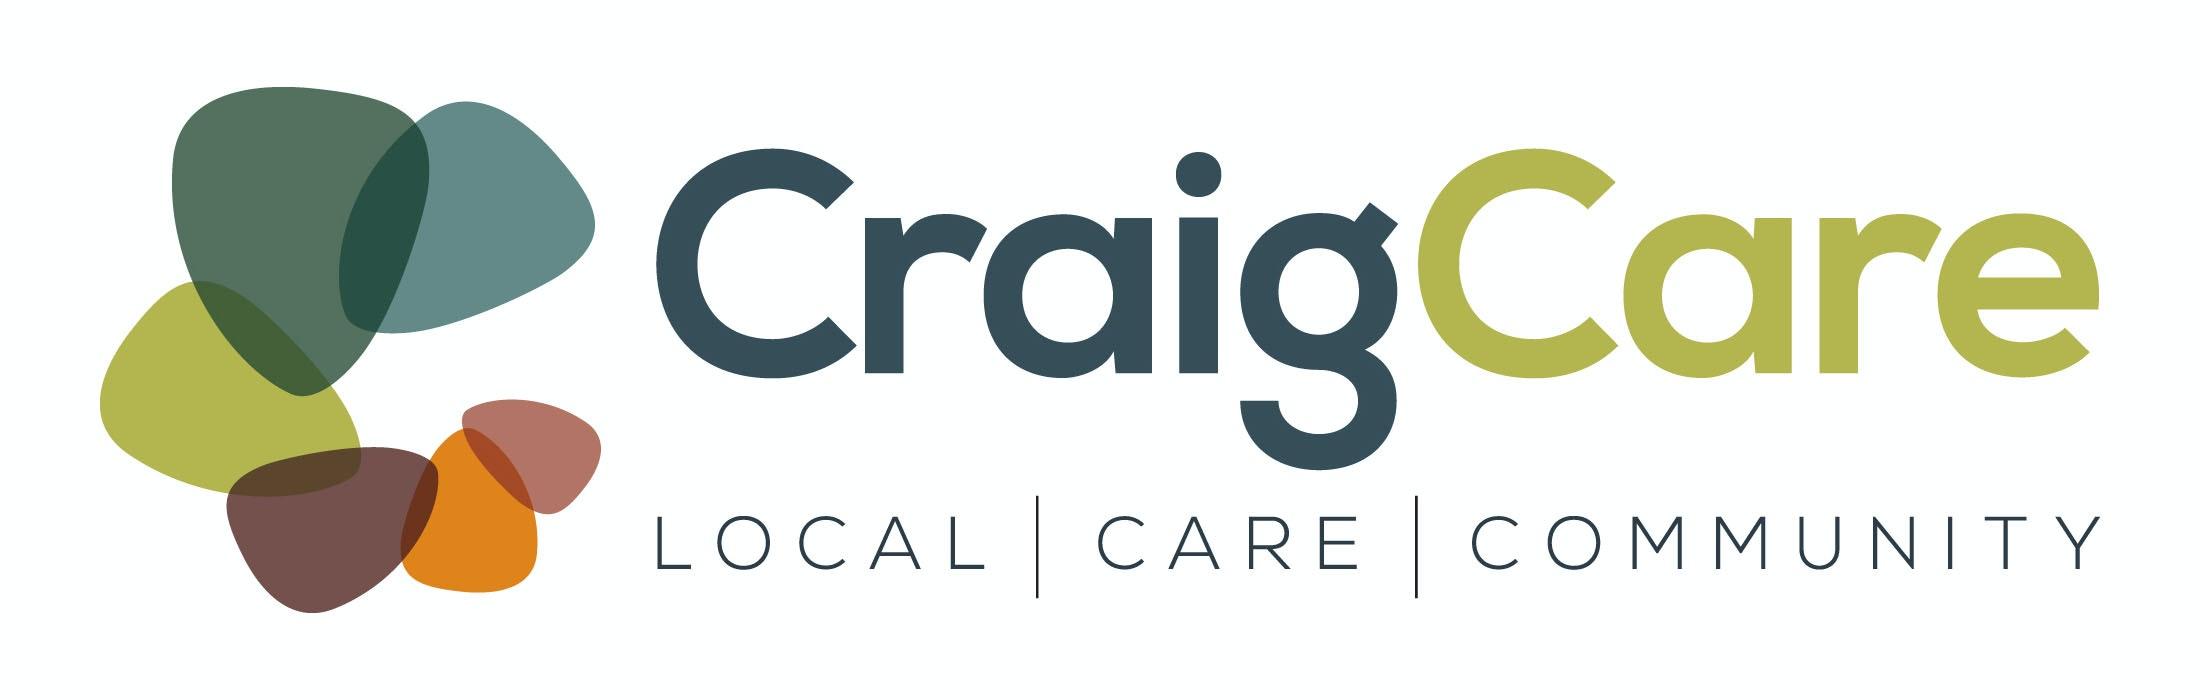 CraigCare Plumpton Villa logo